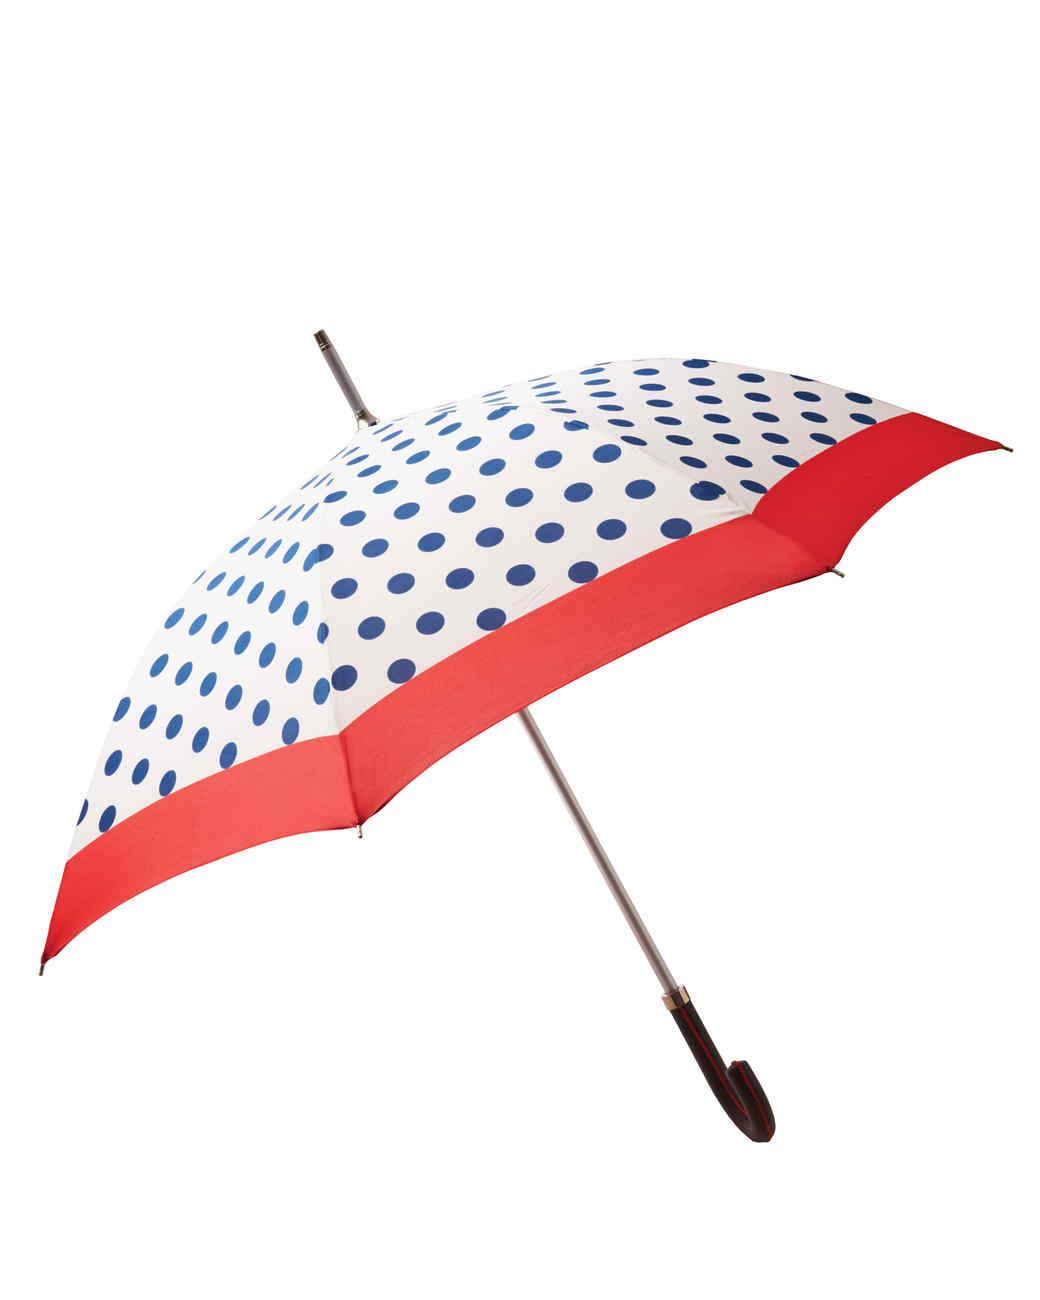 umbrella-3480-d112774-l-0416.jpg